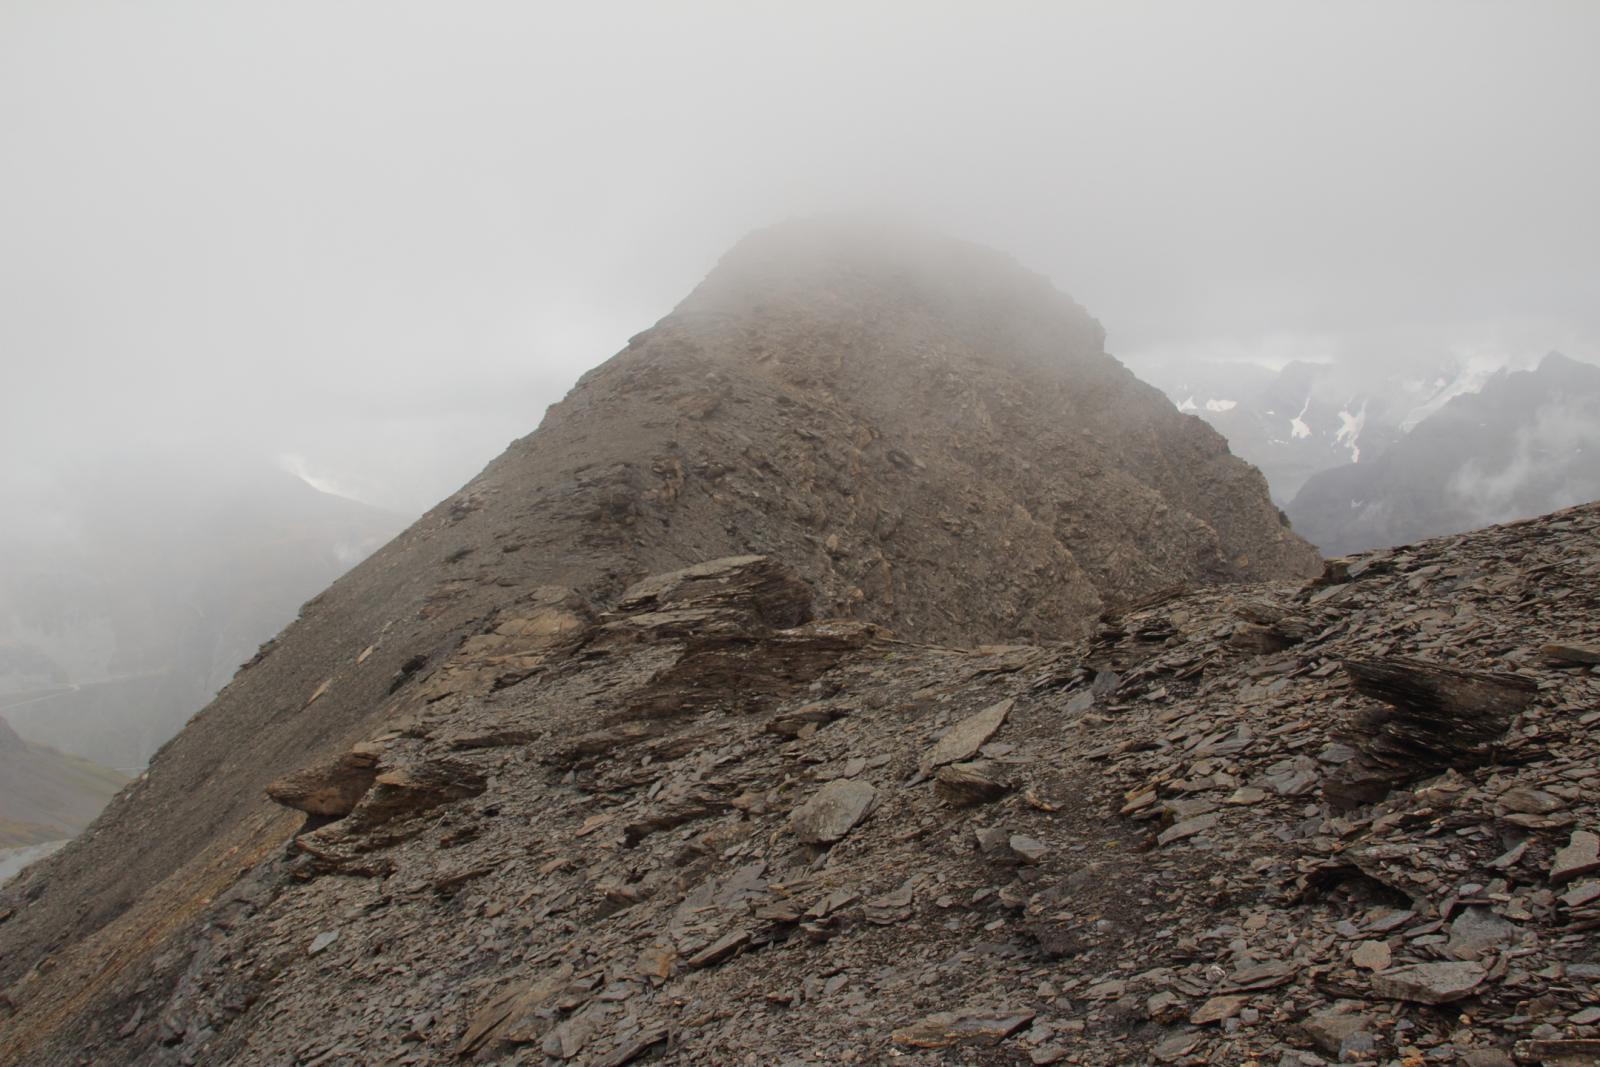 la cresta Ovest che porta in cima vista dal colle di quota 3170 m